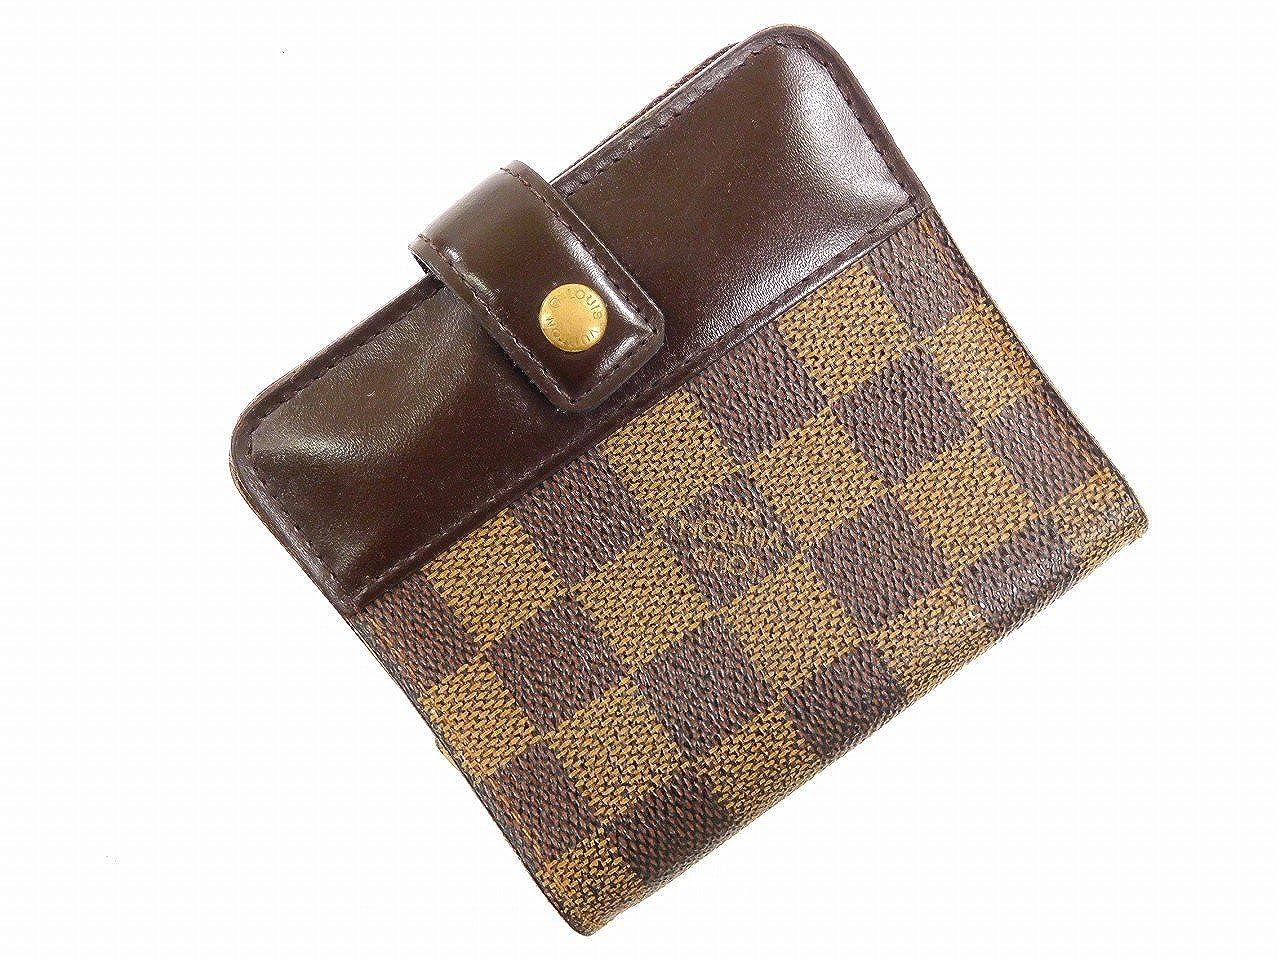 [ルイヴィトン] LOUIS VUITTON 二つ折り財布 ダミエ PVC×レザー X16368 中古   B0779MS1FZ